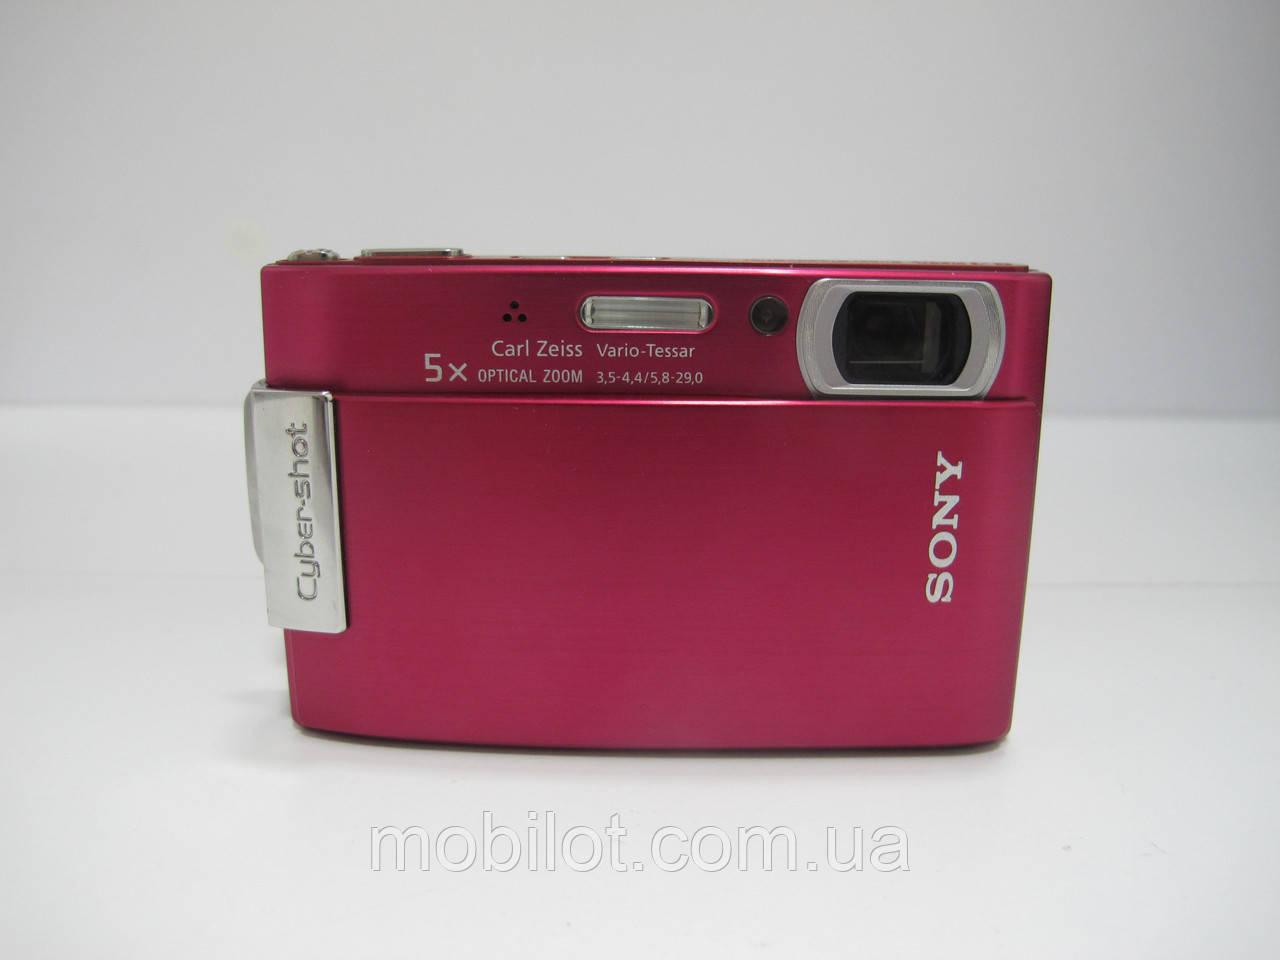 Фотоаппарат Sony Cyber-shot DSC-T200 (FZ-5165)